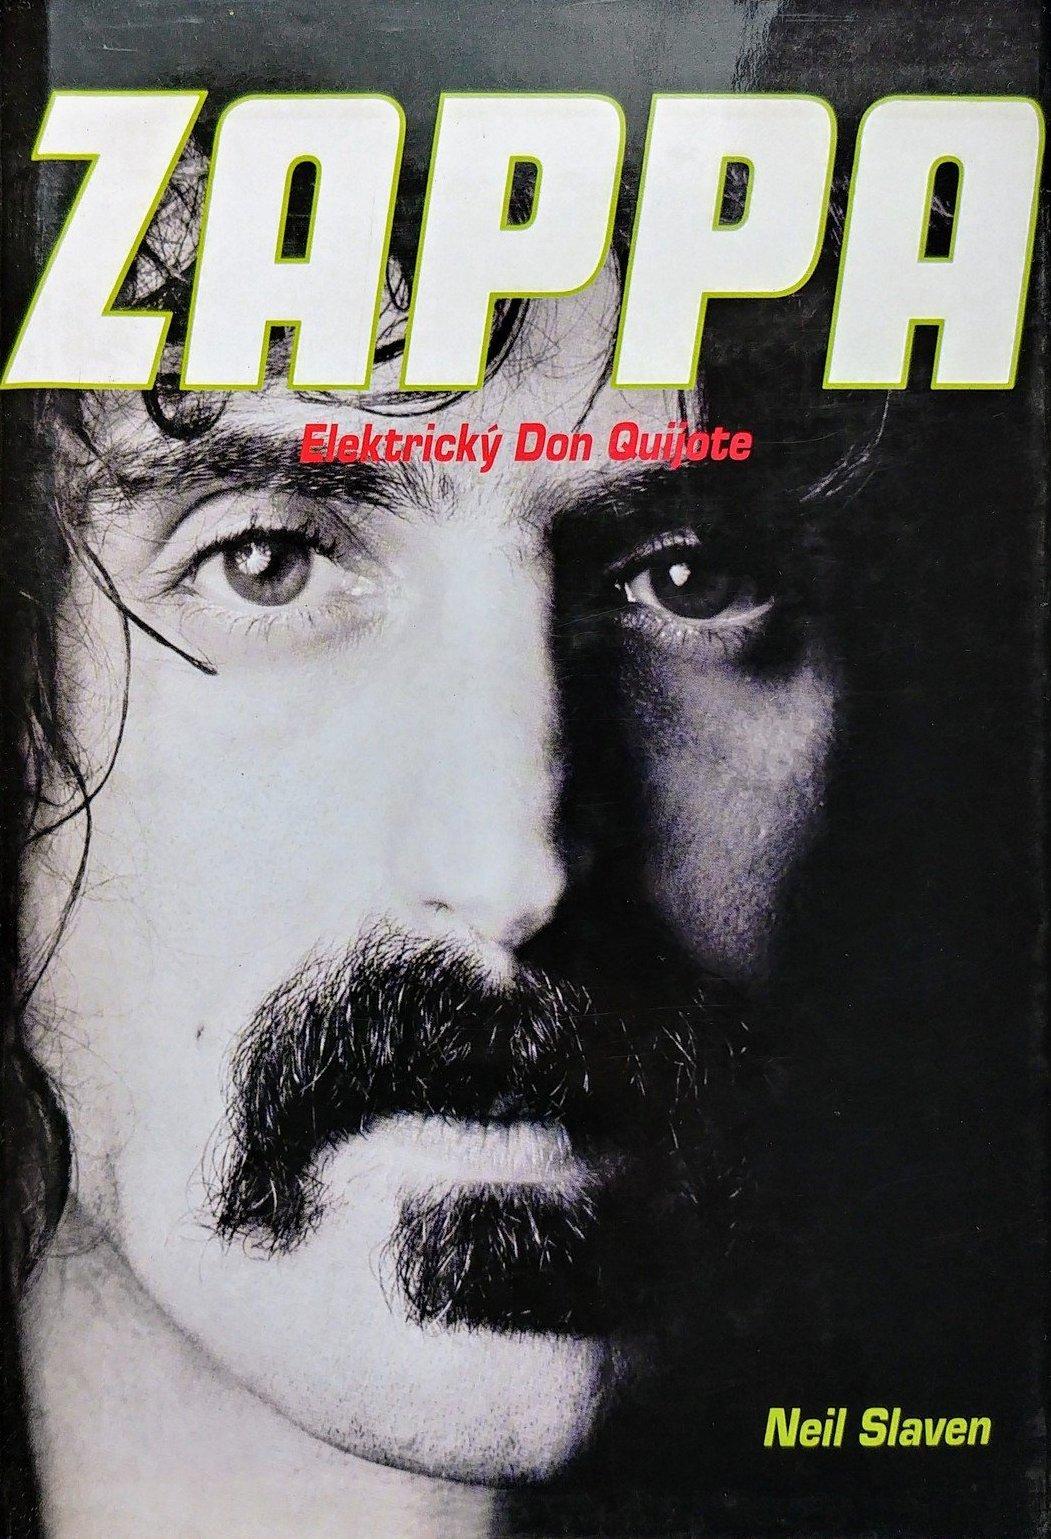 Zappa - Elektrický Don Quijote - Neil Slaven